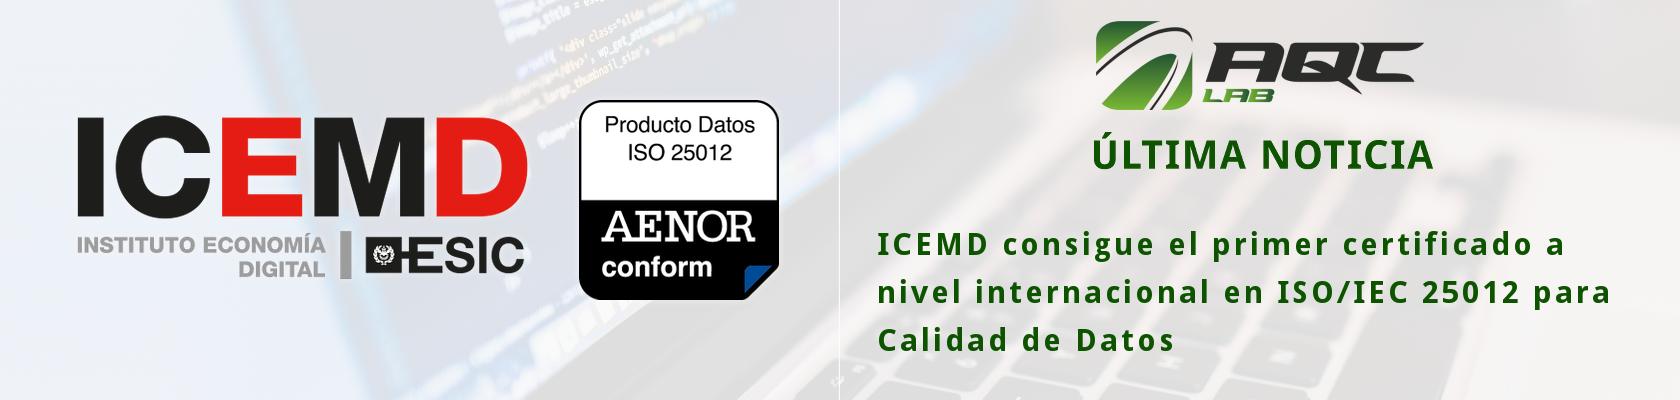 [JULIO 2017] ICEMD consigue el primer certificado a nivel internacional en ISO/IEC 25000 para Calidad de Datos